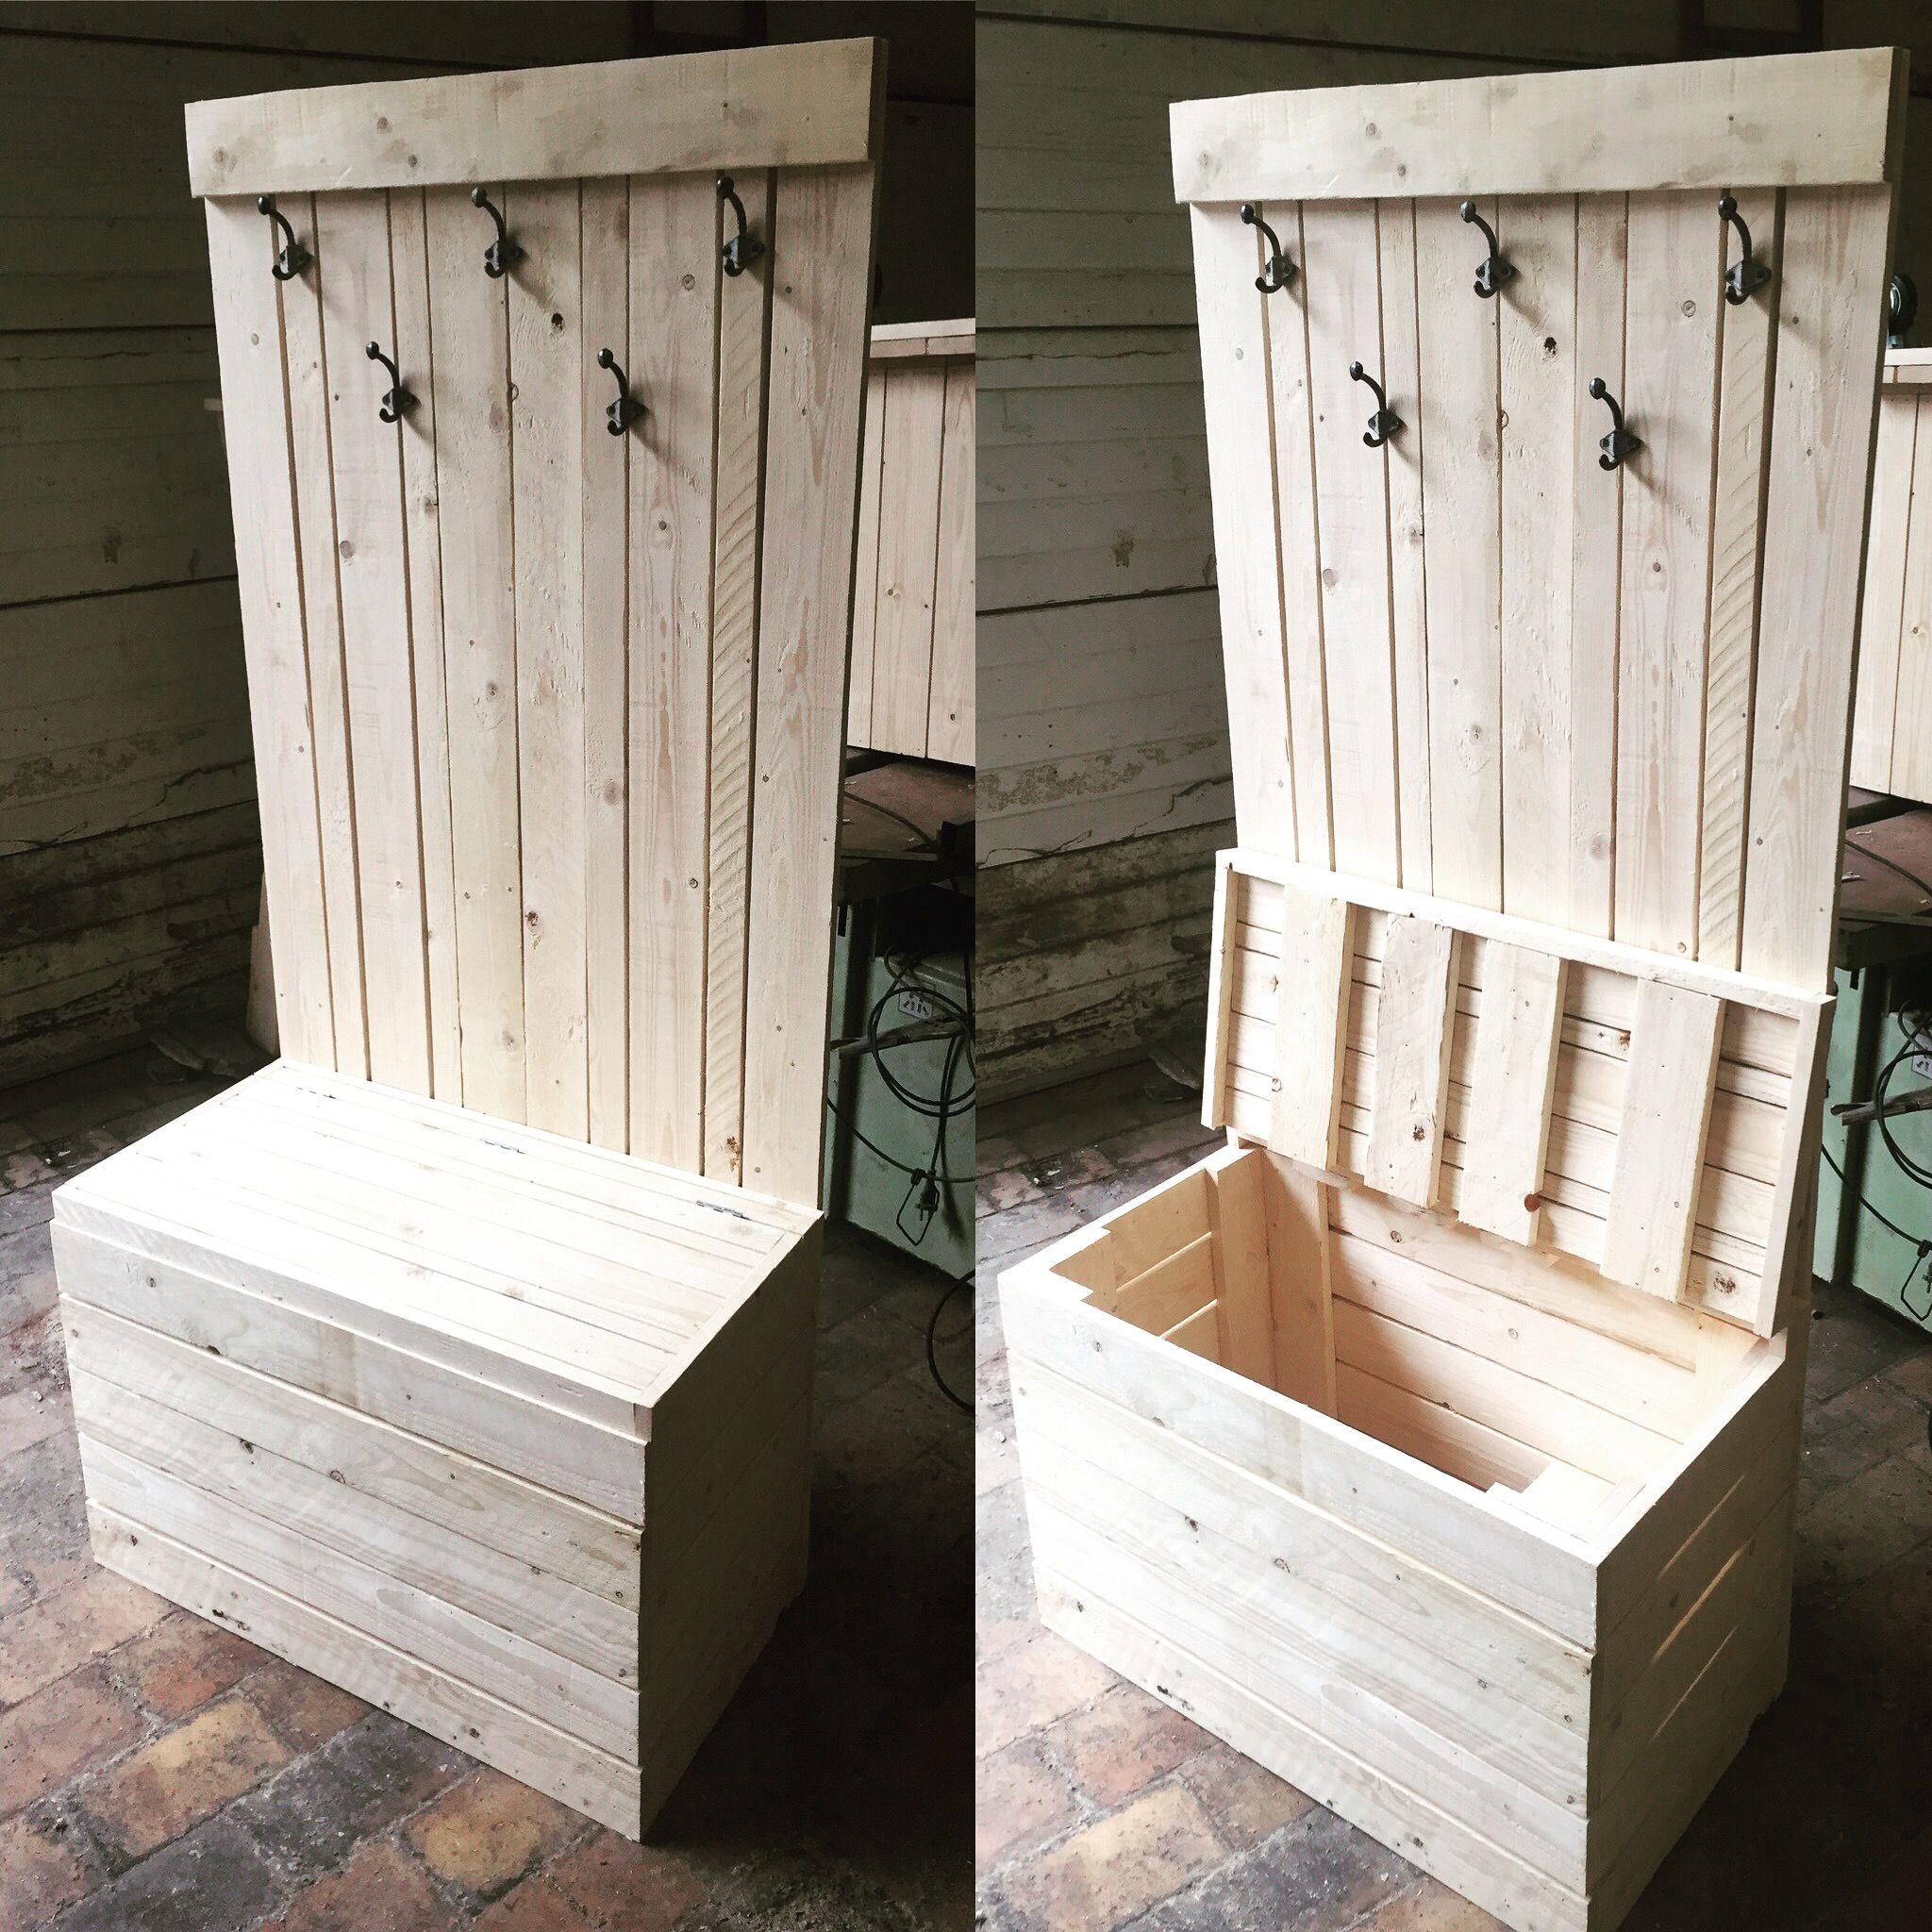 coffre porte manteaux sur mesure en bois style palette design modern et pratique meuble. Black Bedroom Furniture Sets. Home Design Ideas